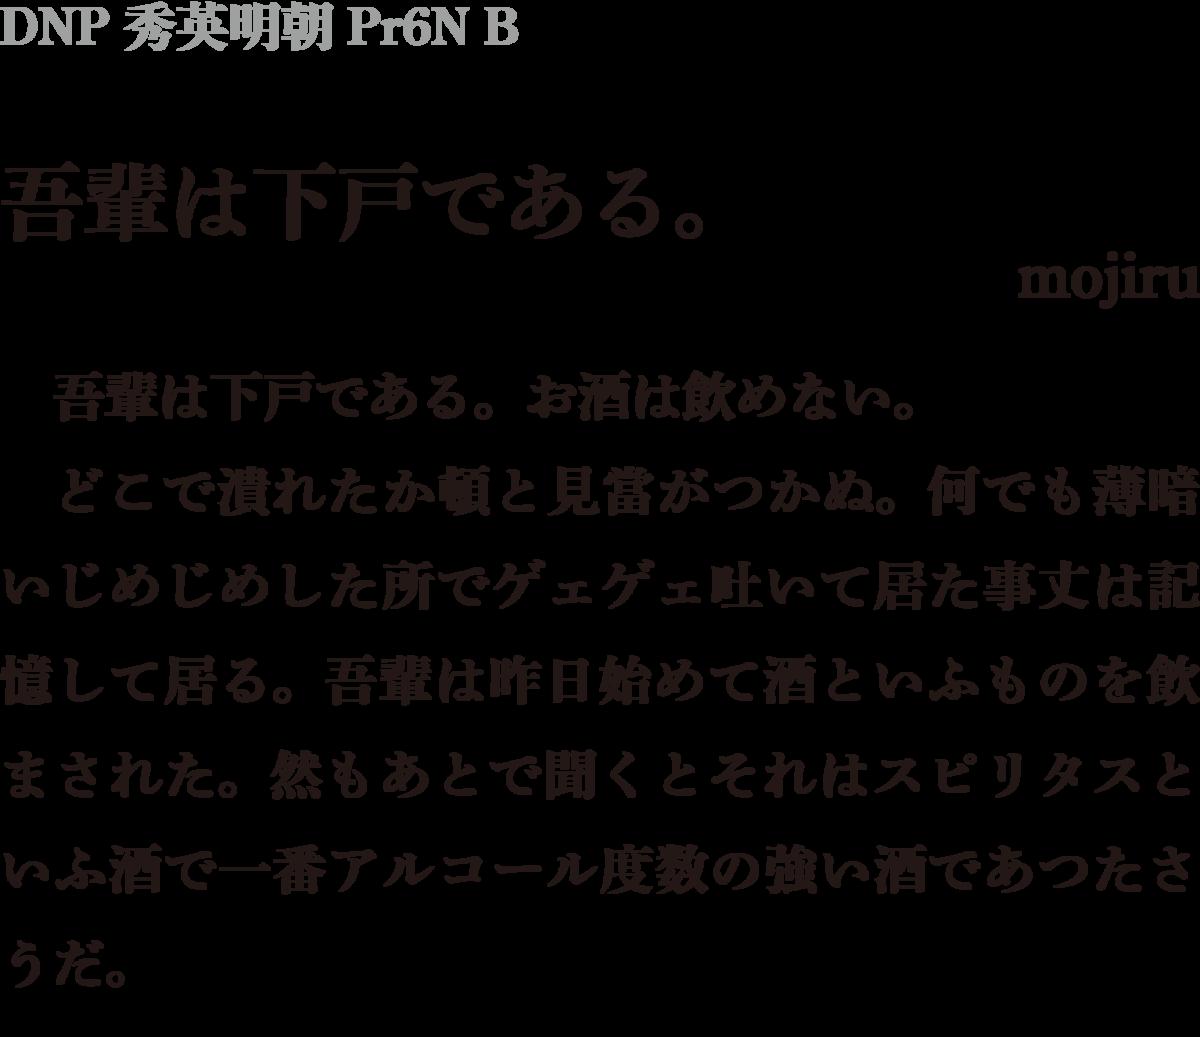 f:id:mojiru:20190411110520p:plain